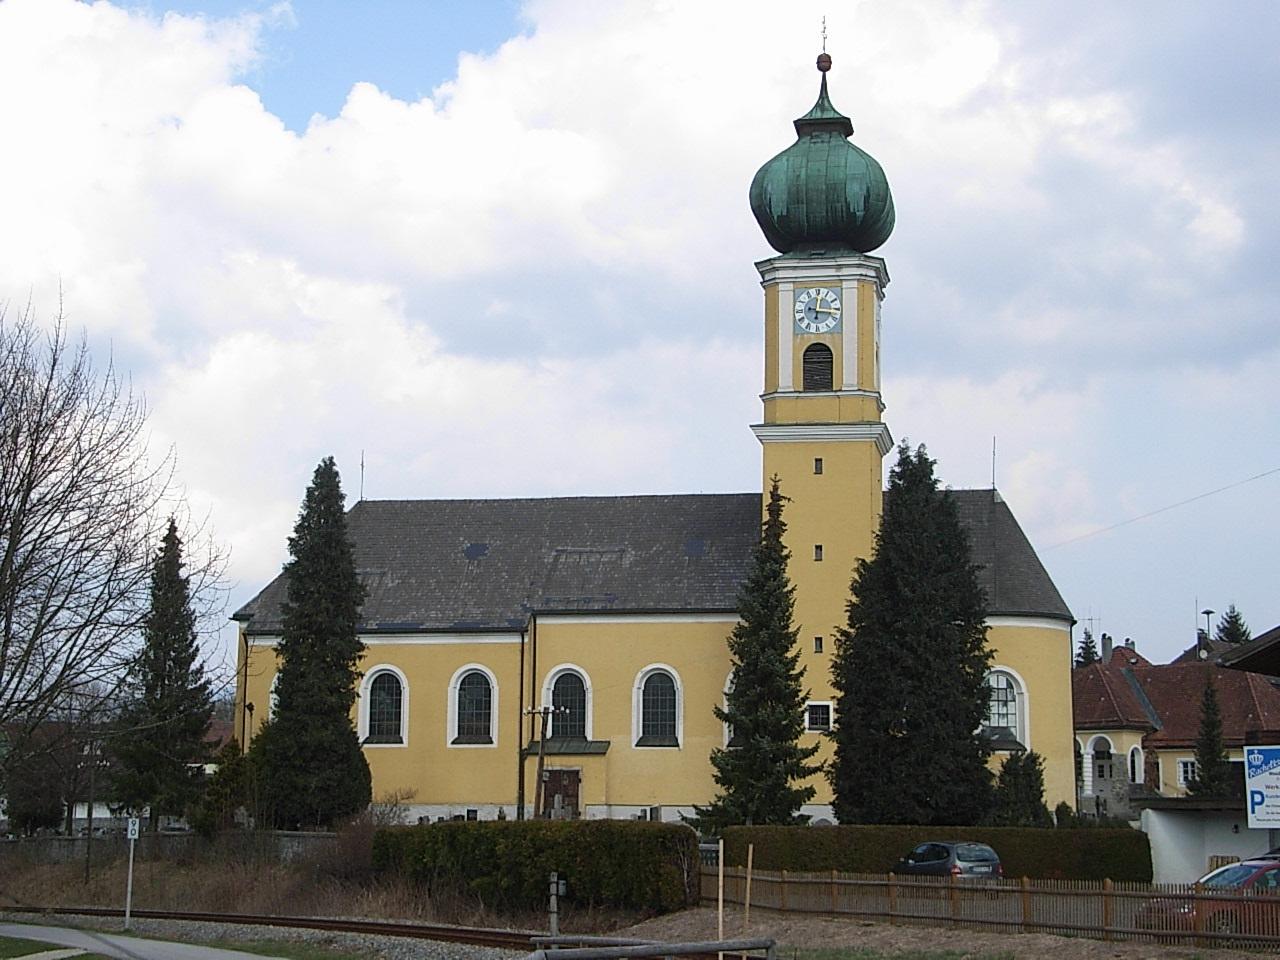 Pfarrkirche Frauenau